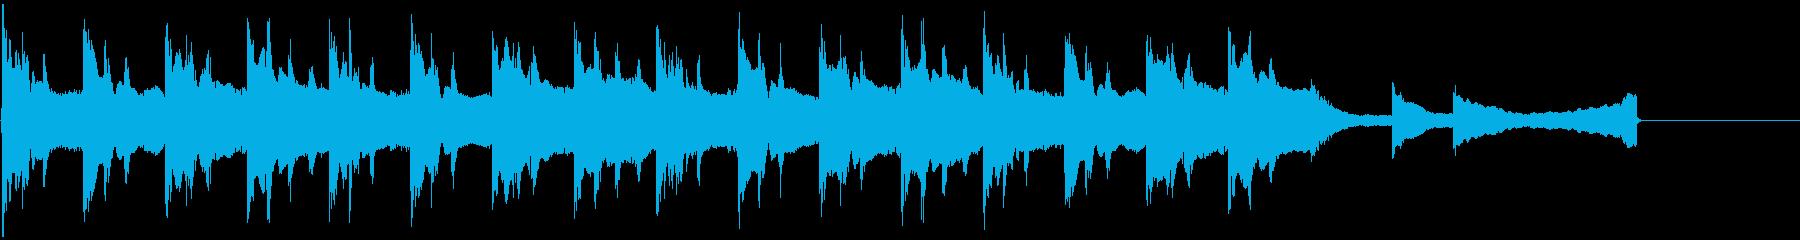 幻想的・ミステリアス・ジングル Cの再生済みの波形